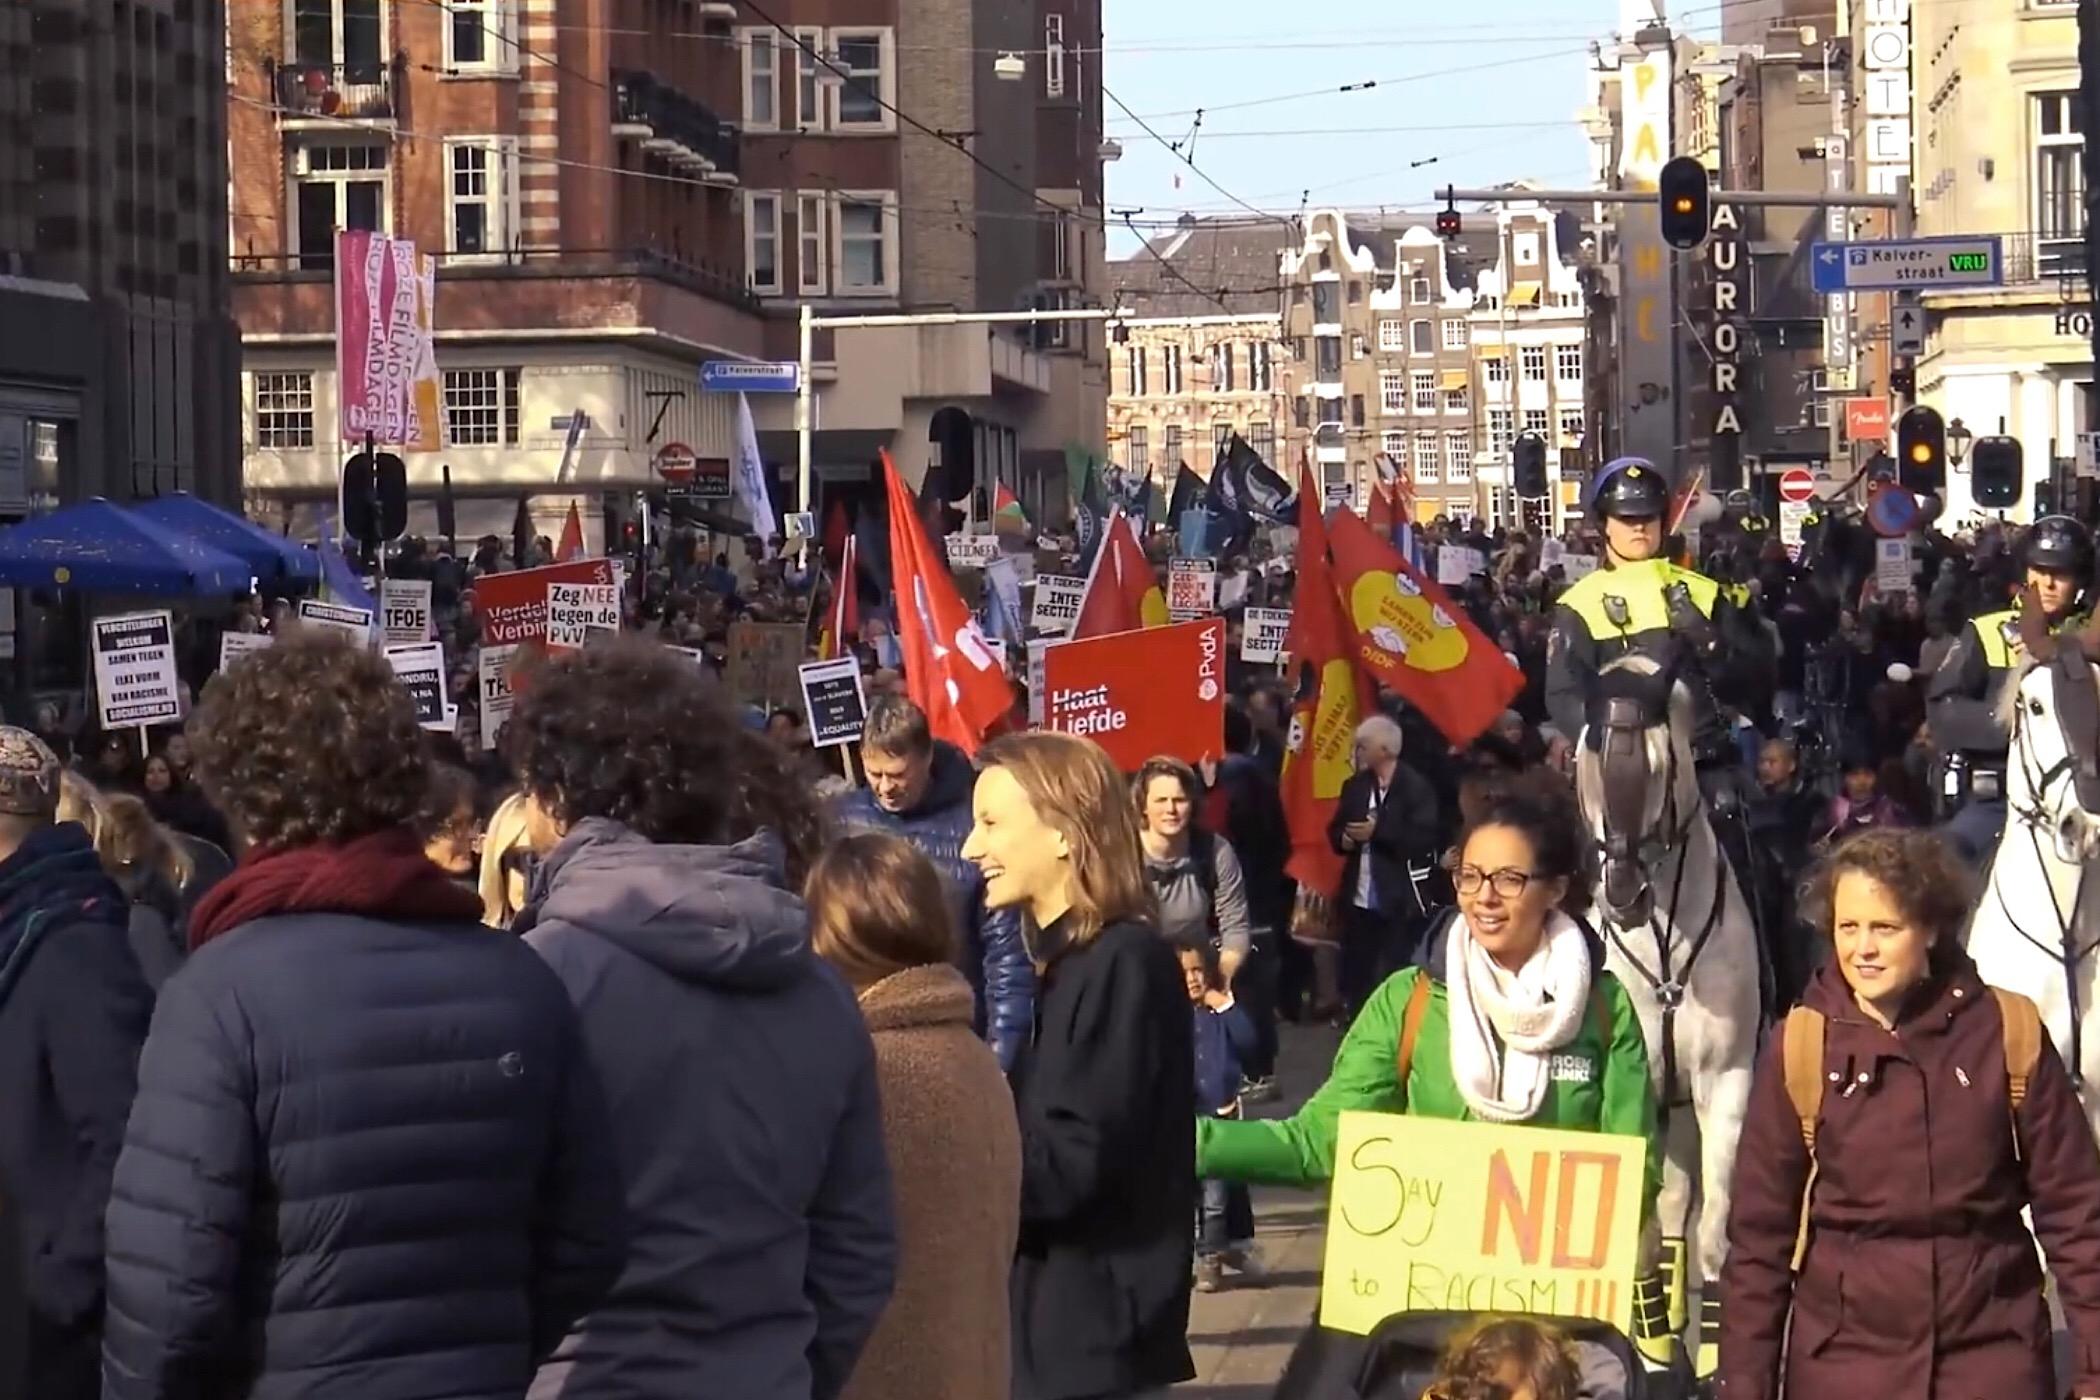 Linkse politici marcheren met antifascistische knokploegen Robert bor opiniez